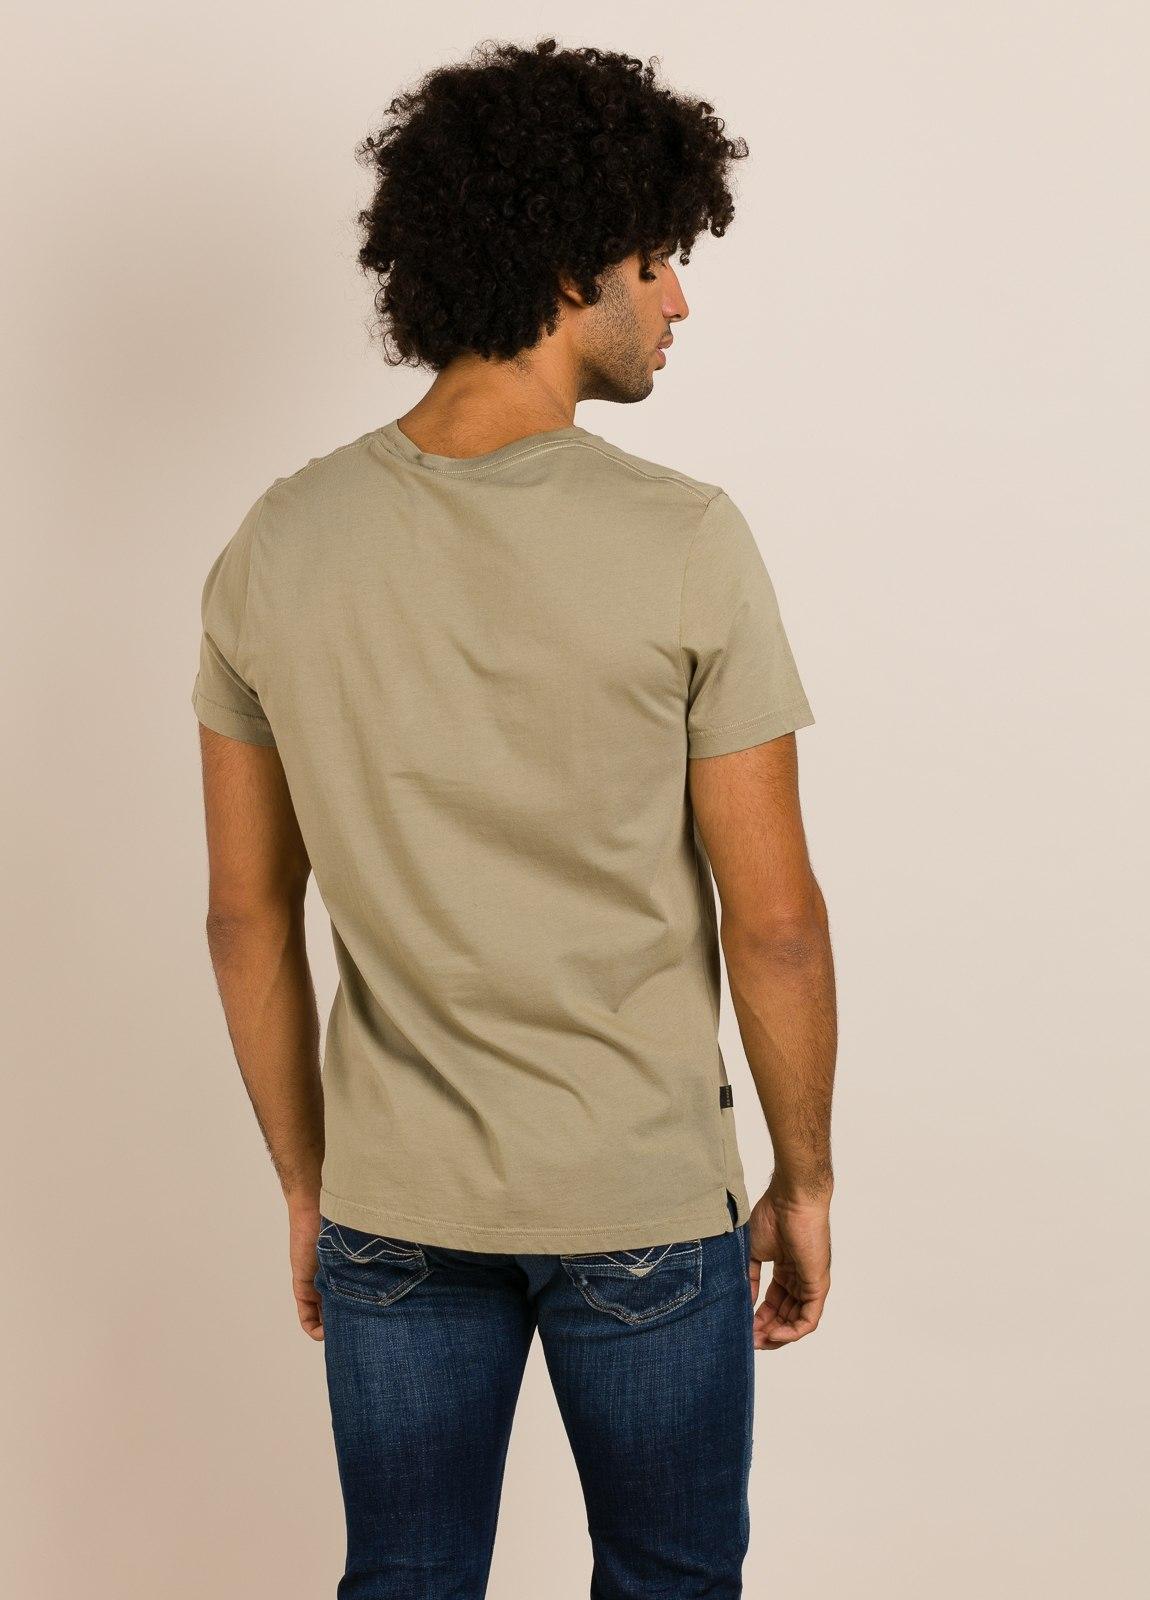 Camiseta NORTON kaki con estampado gráfico - Ítem1